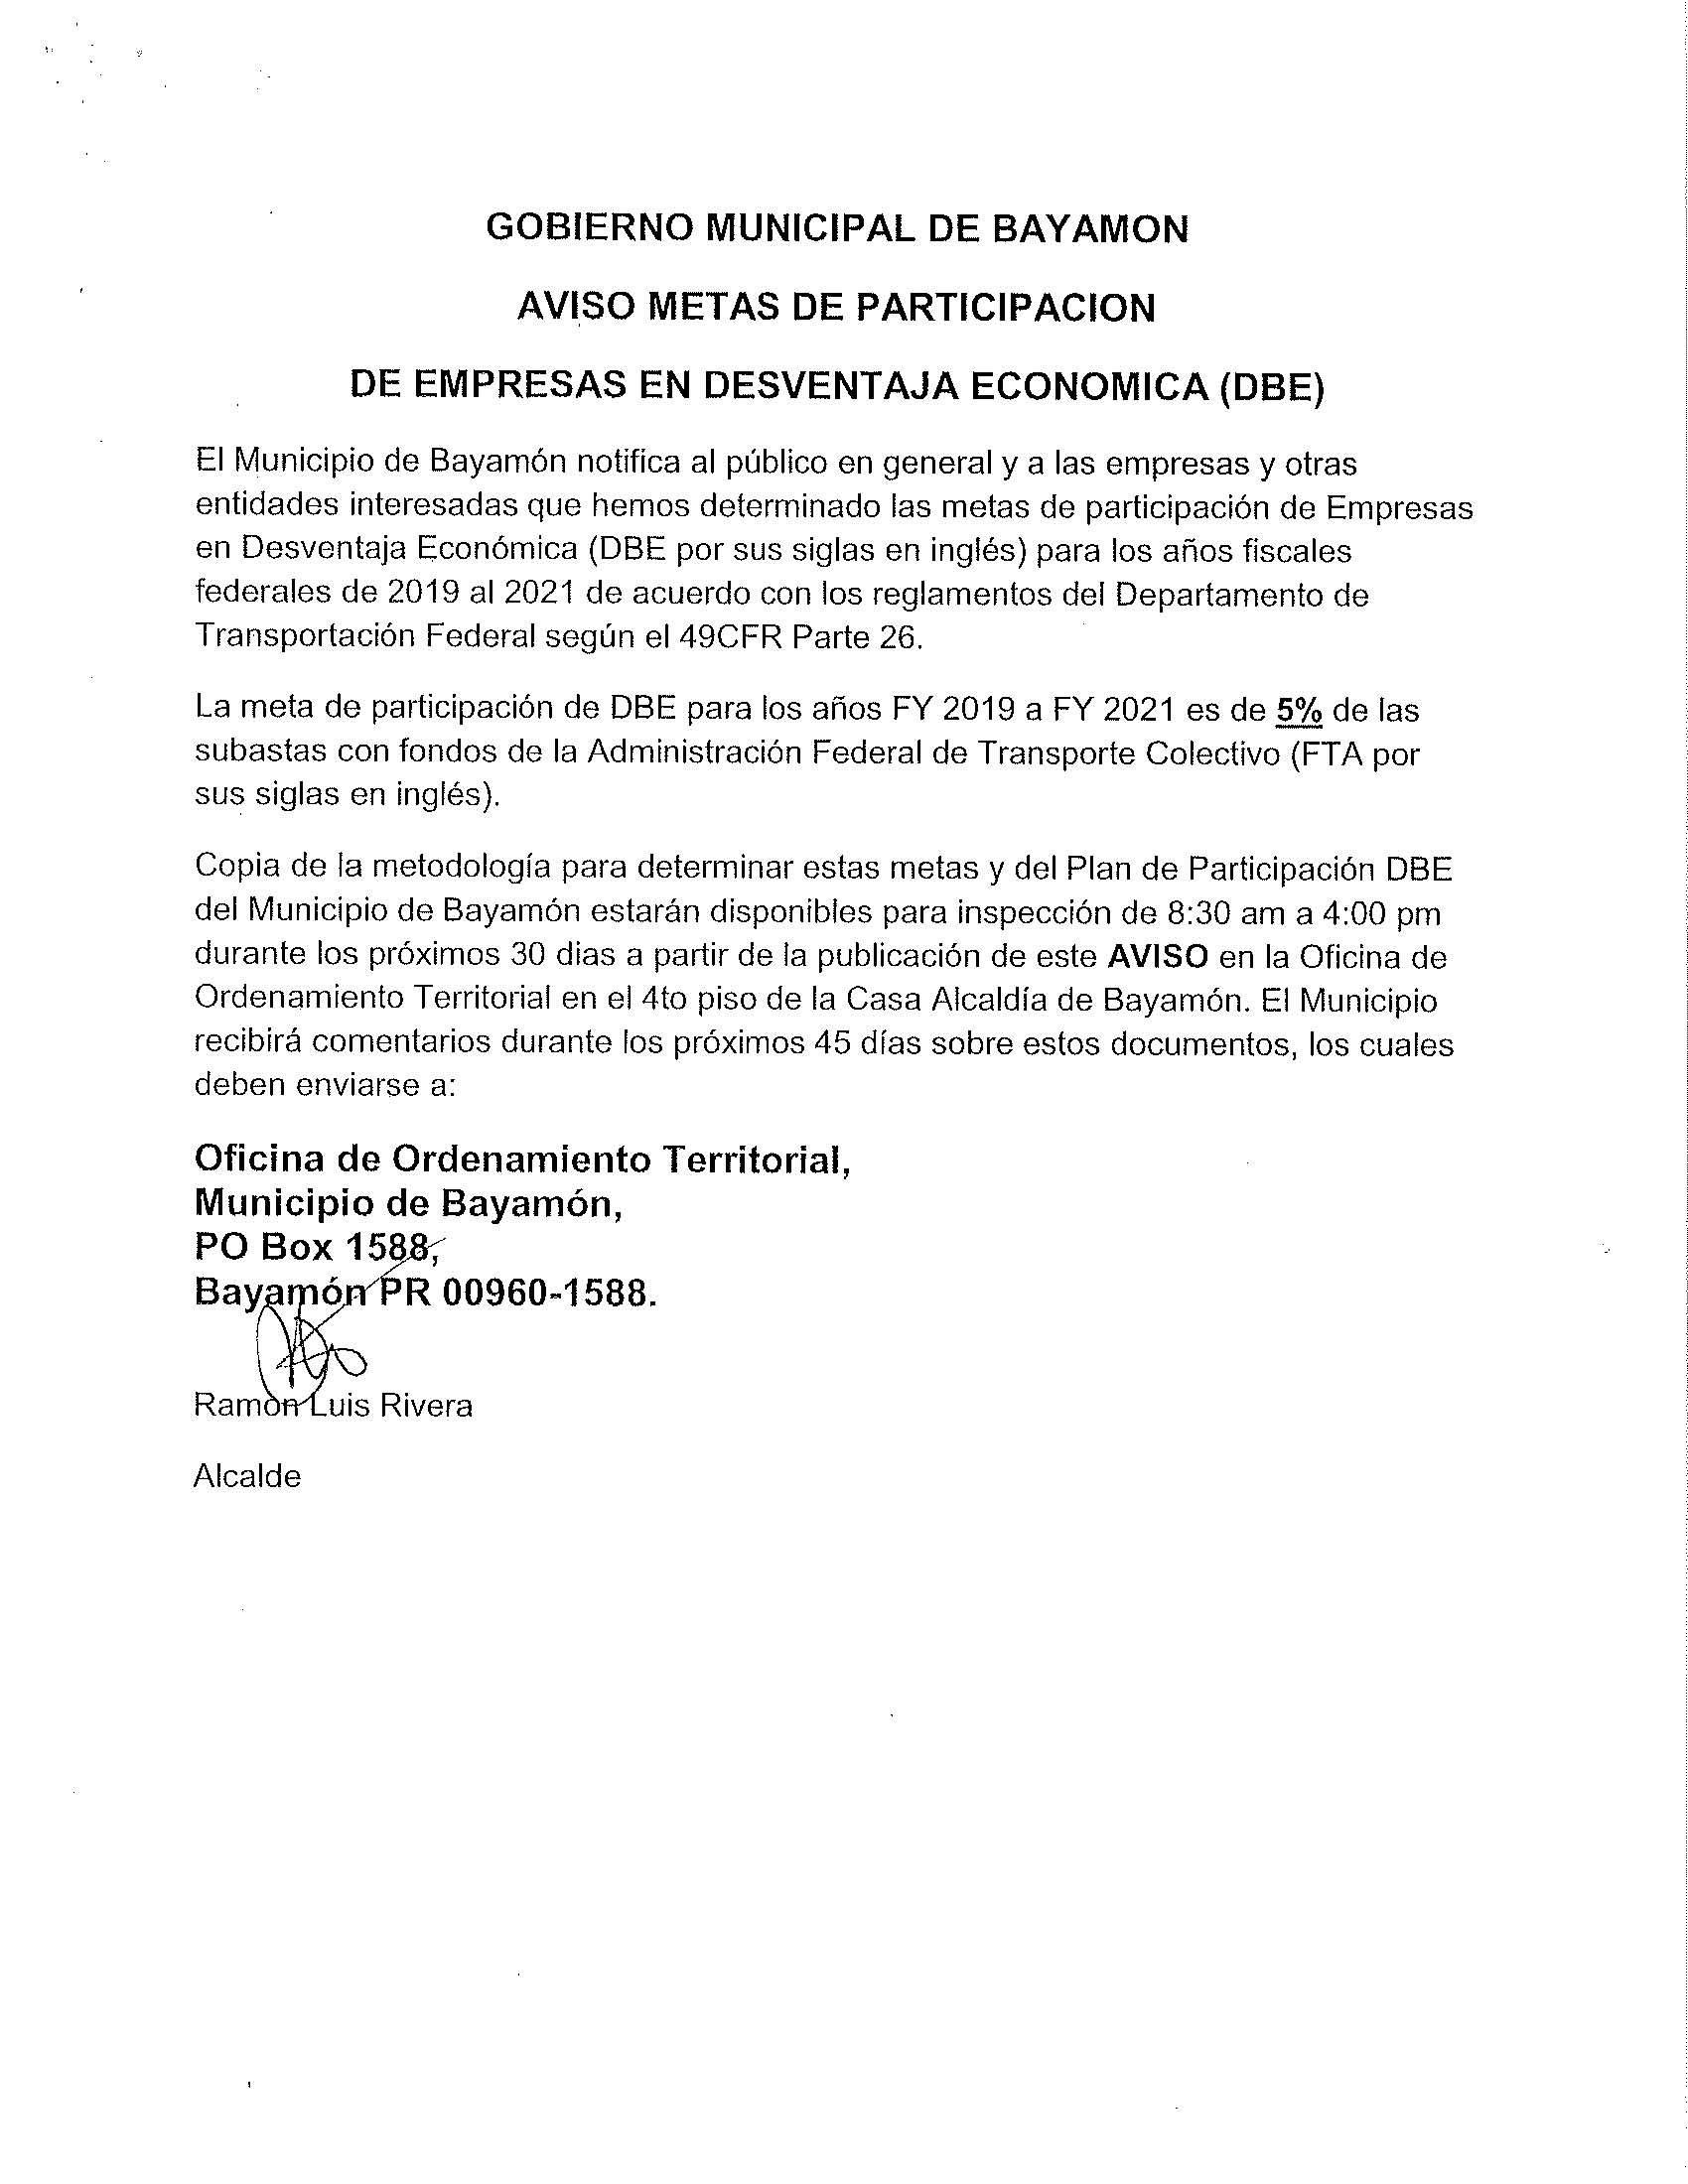 Aviso Metas de Participaci³n en Desventaja Eco³mica DBE Avisos Pºblicos Ciudad de Bayam³n de calendario marzo abril mayo 2019 para imprimir